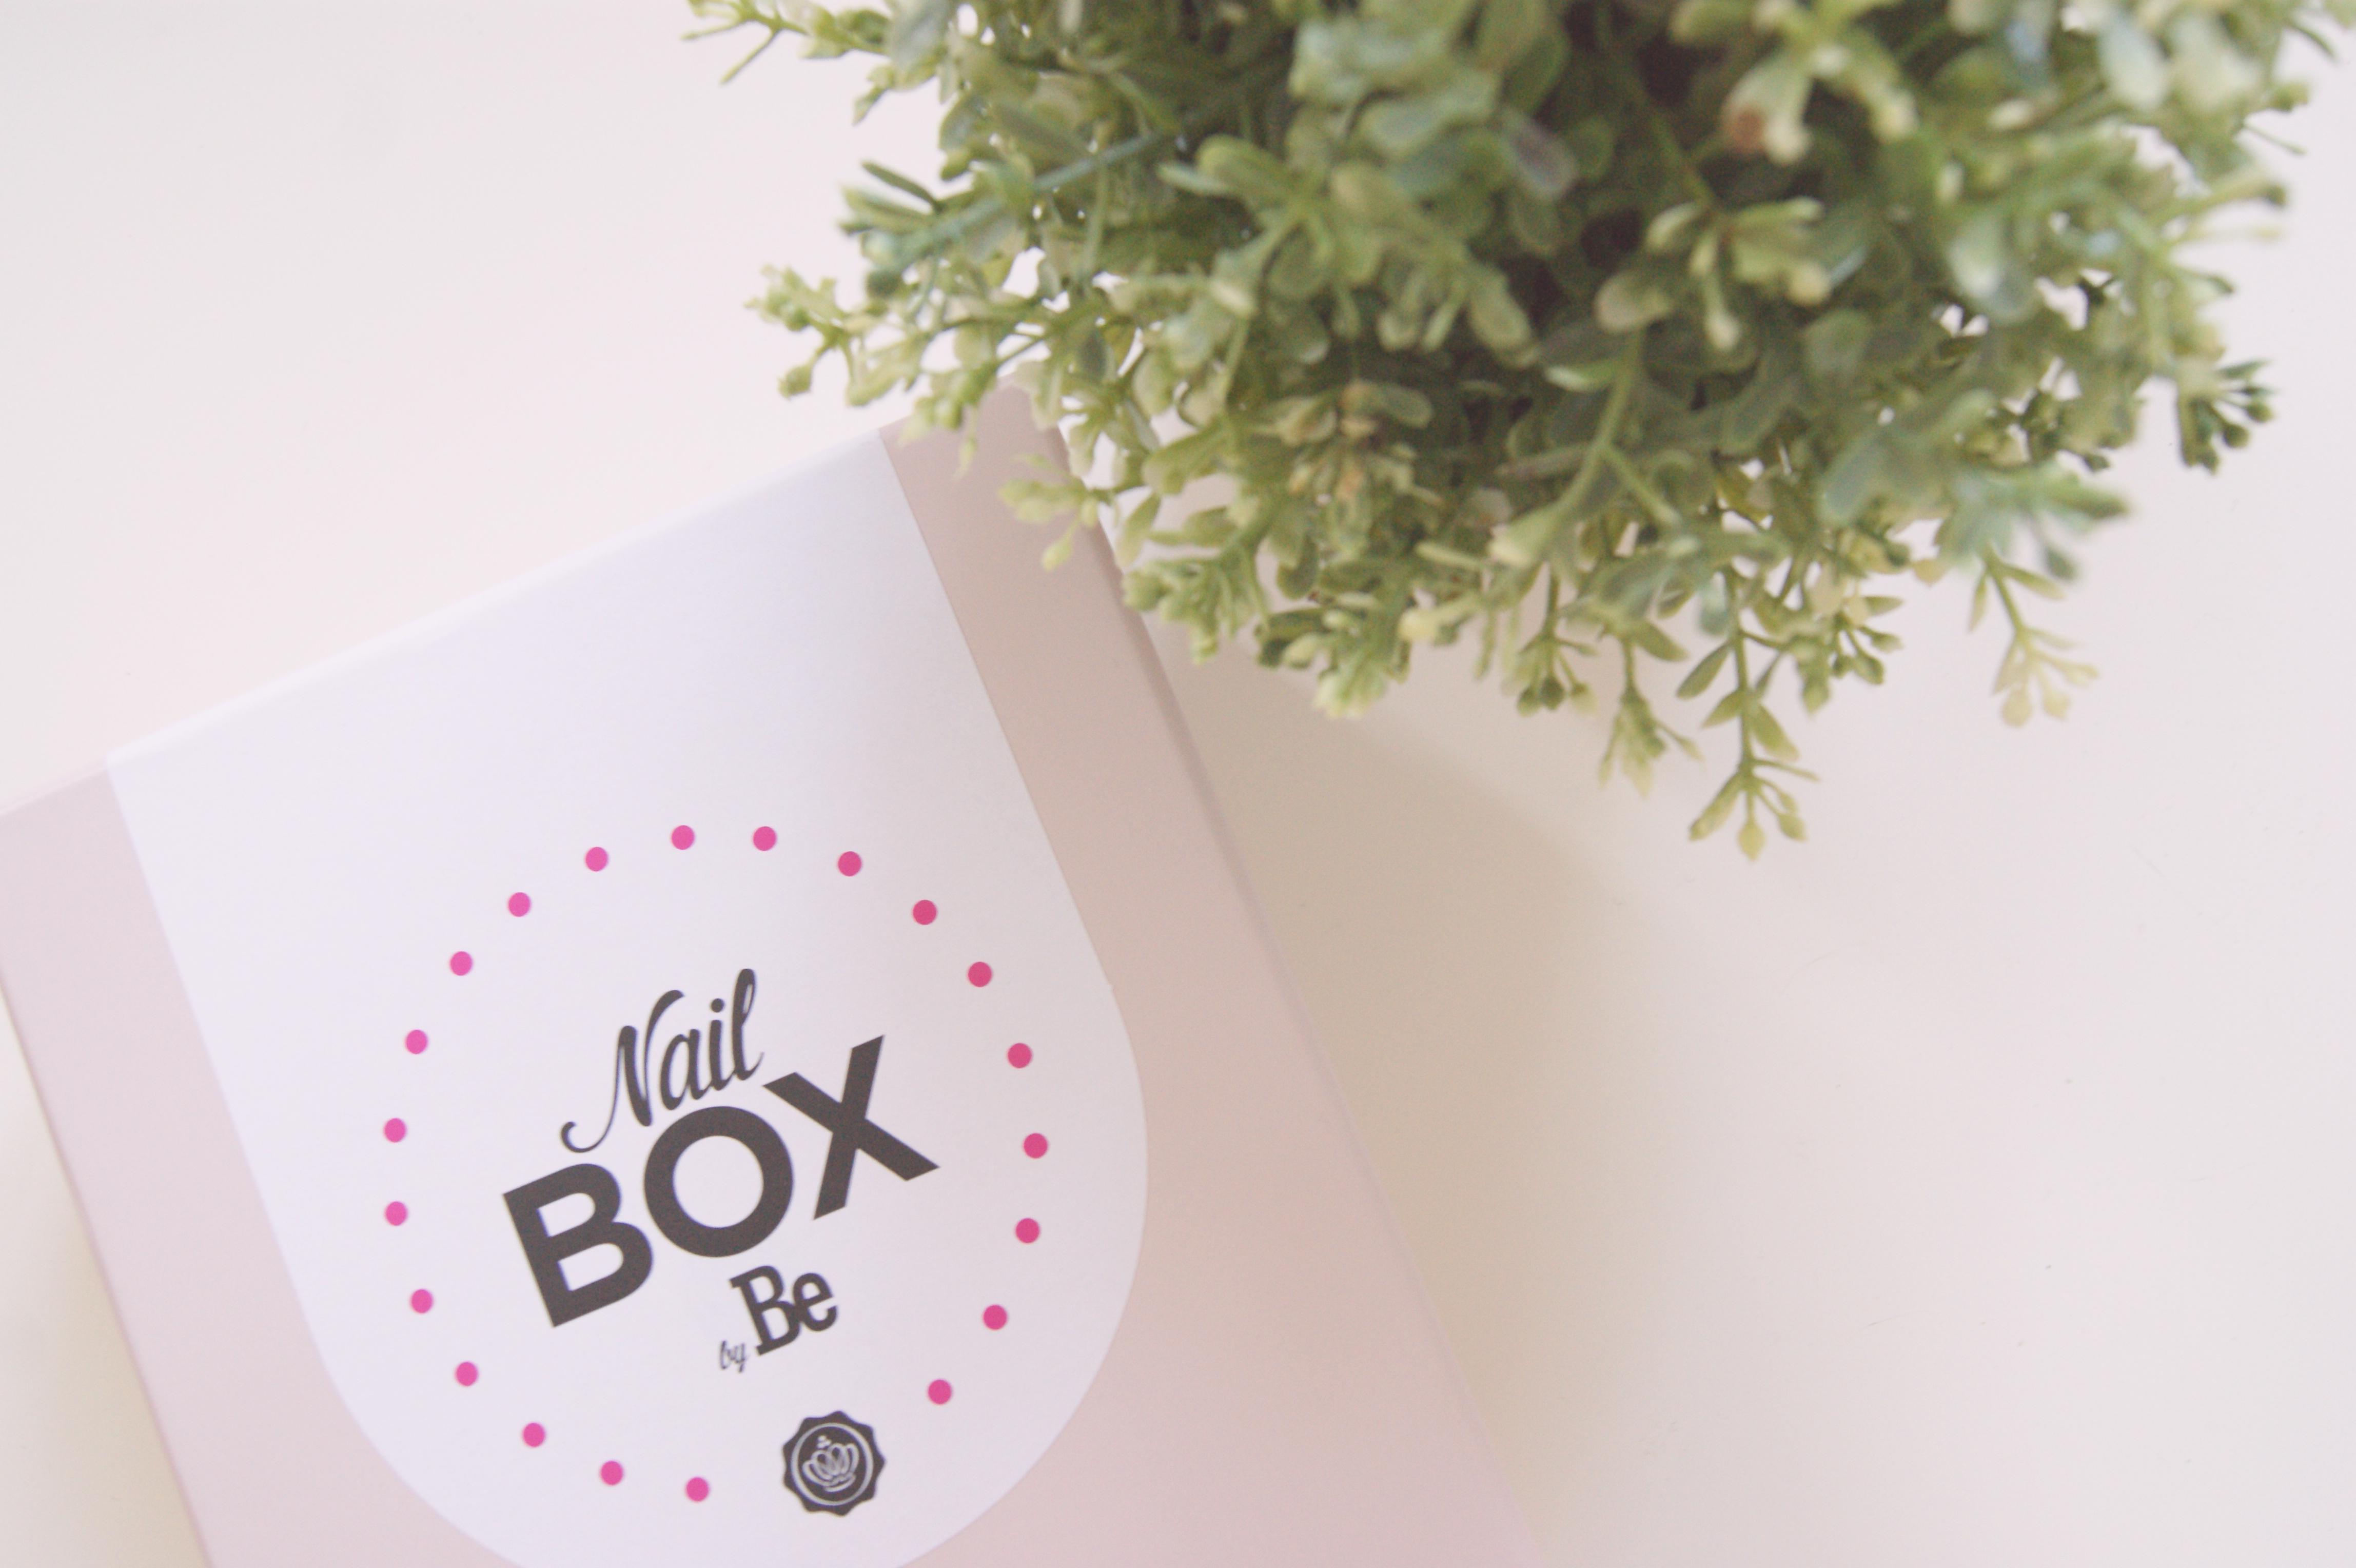 nail box be